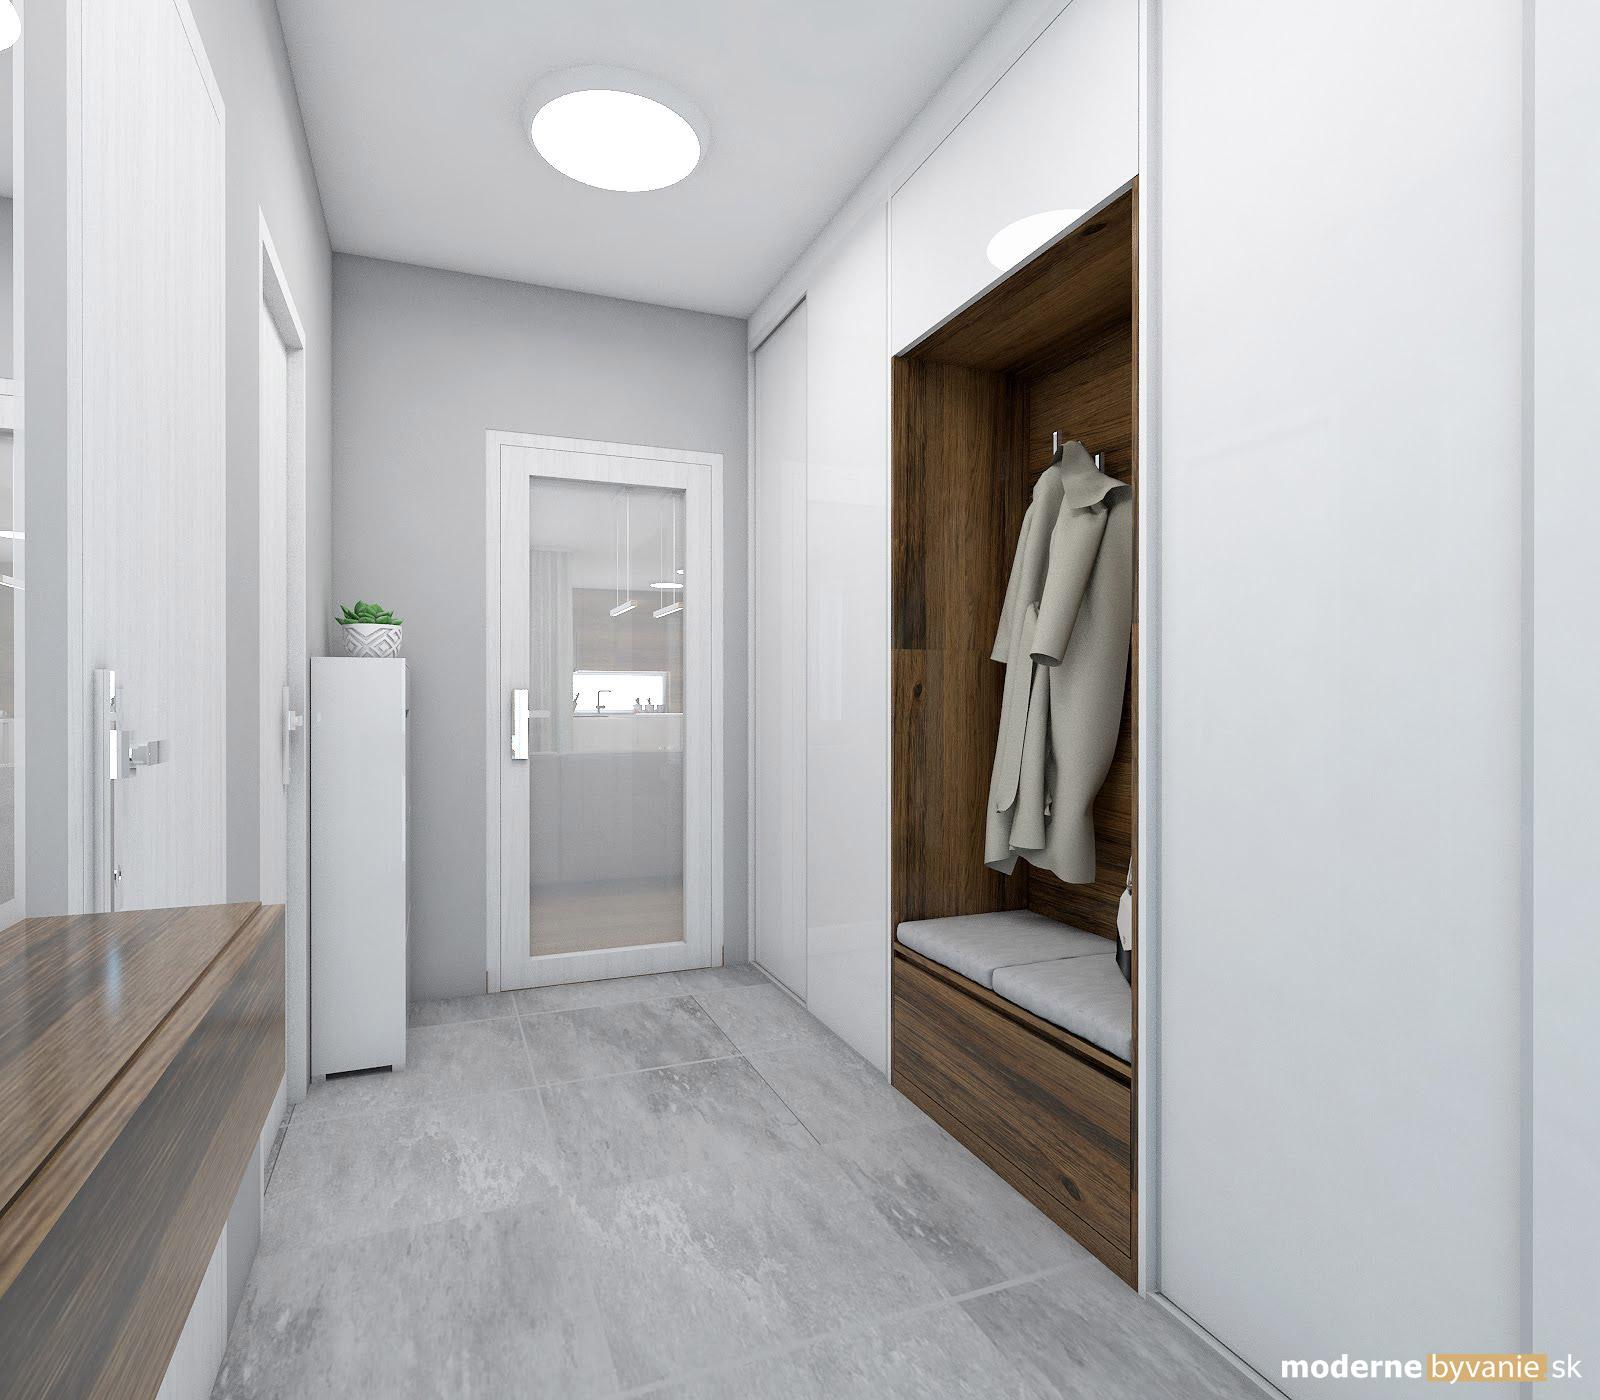 Návrh interiéru - Vstupná chodba - Elegantný nadčasový interiér